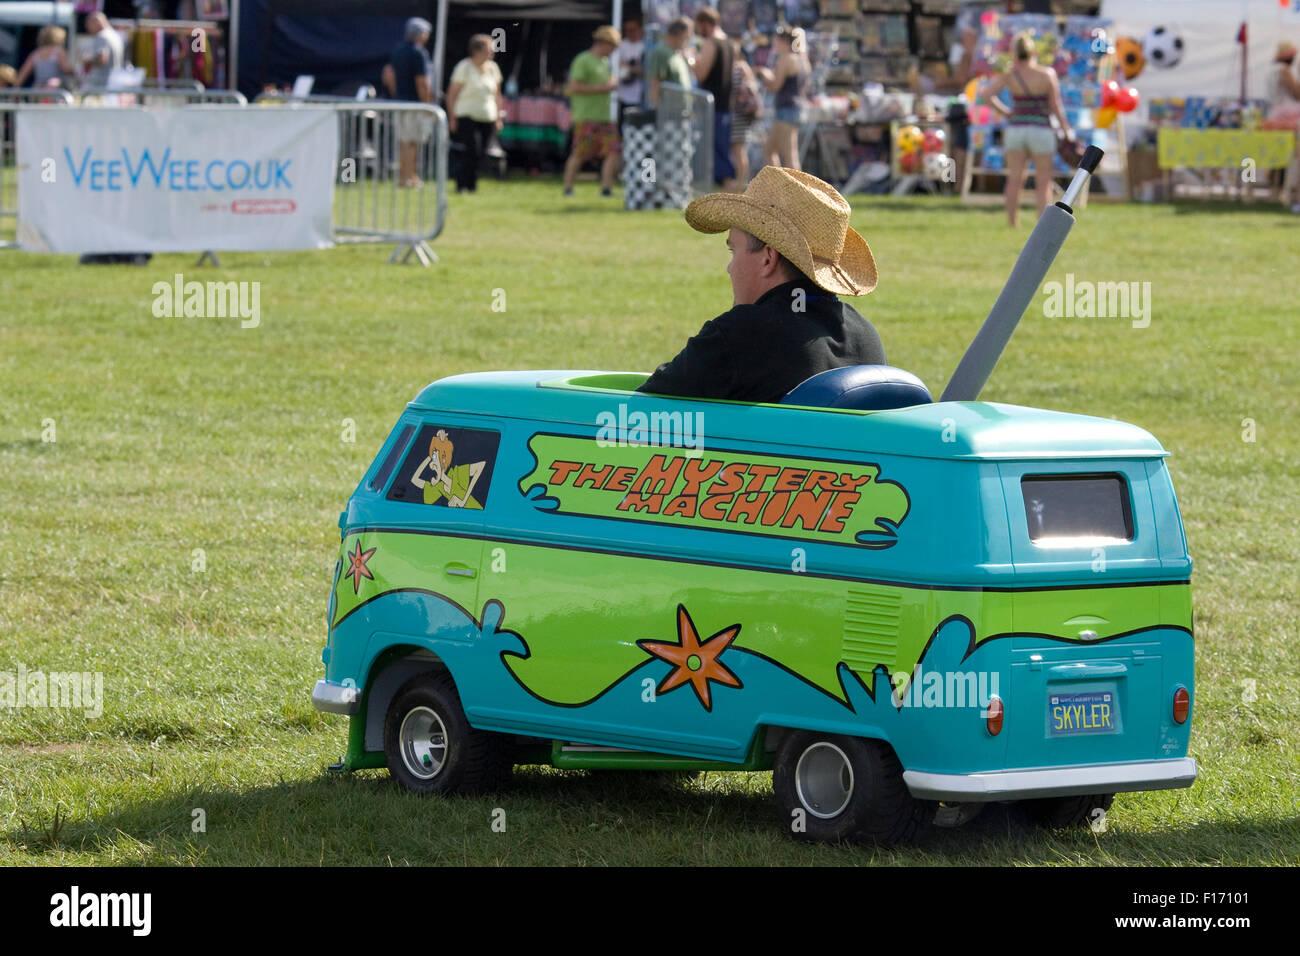 Mystery Machine Van Stock Photos & Mystery Machine Van Stock ...